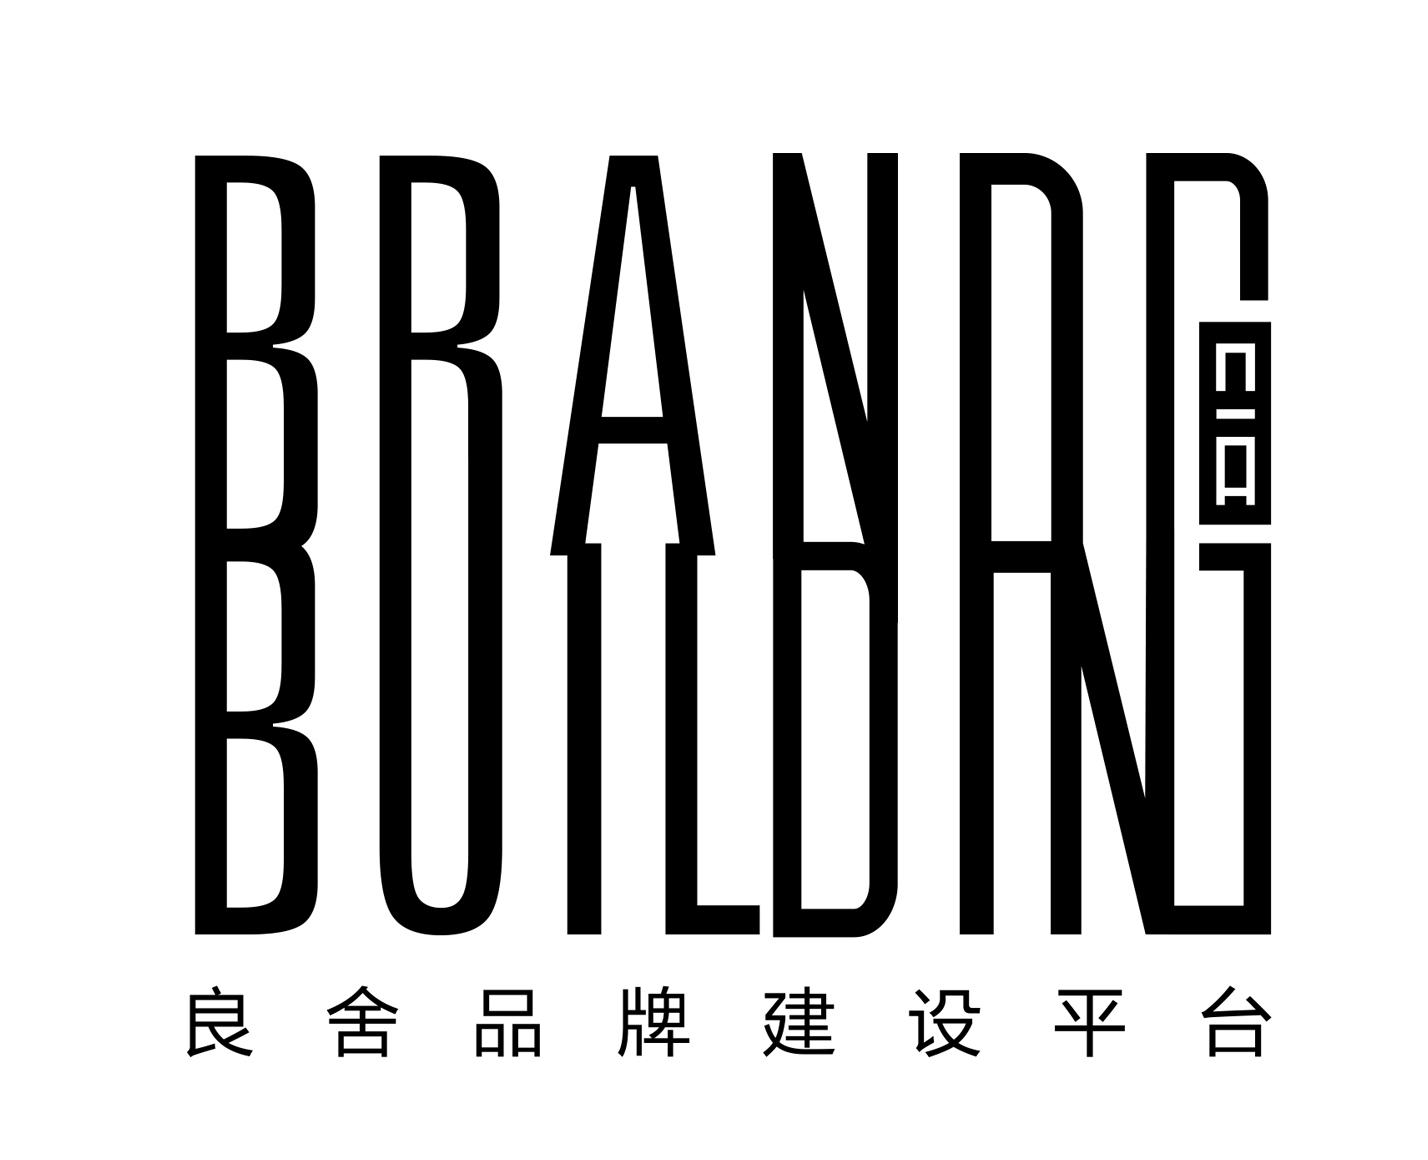 中国良舍设计_操作简单建筑项目合作-山东颉筑装饰设计有限公司